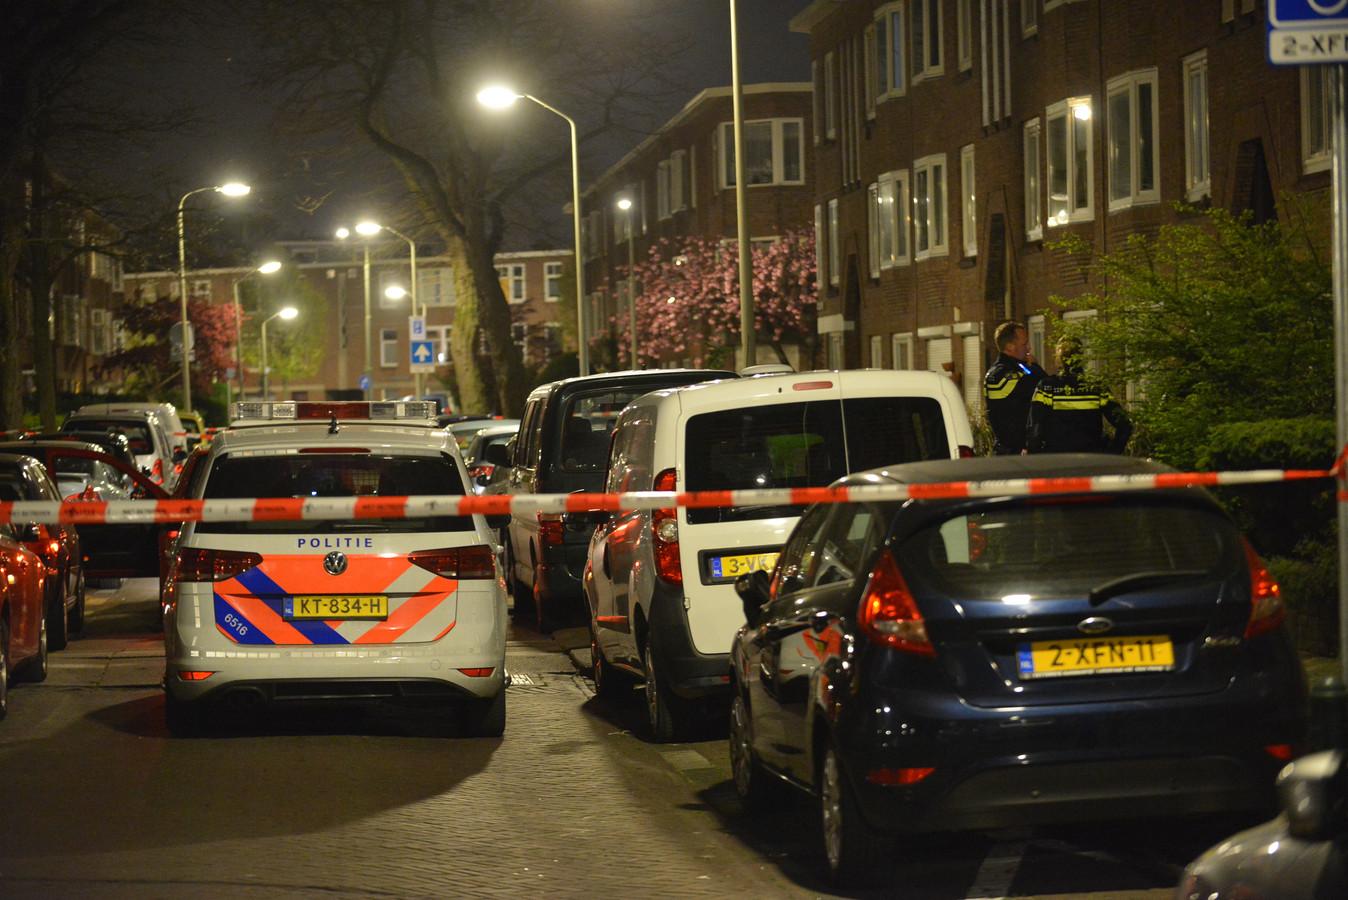 Bij een steekincident in de Drebbelstraat in Den Haag is vannacht een persoon gewond geraakt. De politie heeft een verdachte aangehouden.